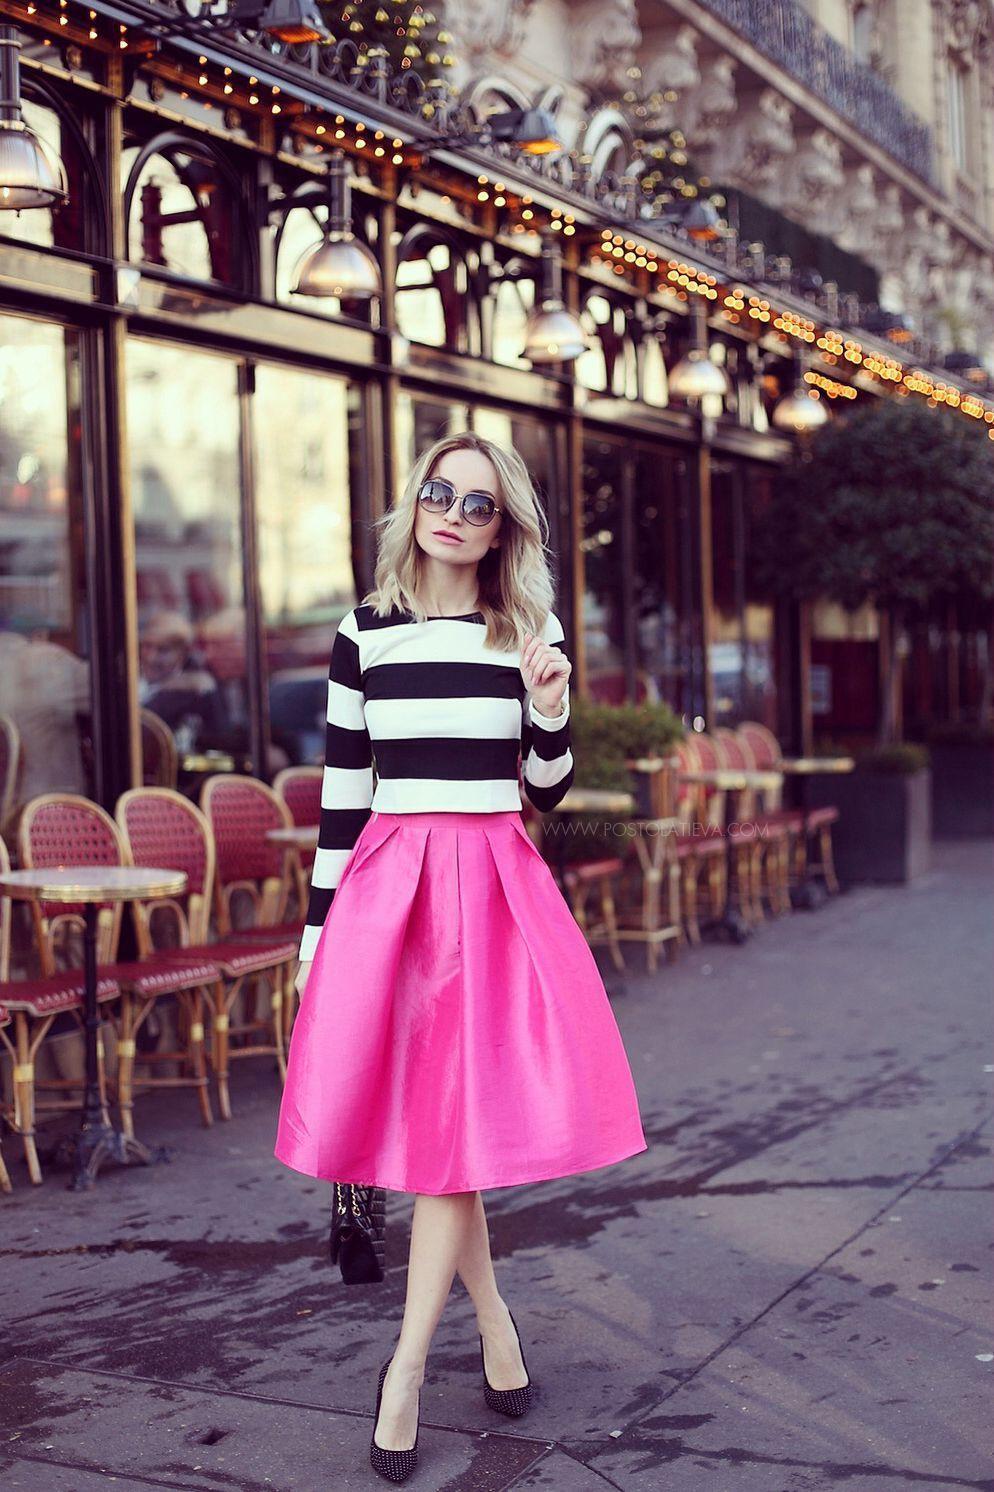 """Foto: Reprodução / <a href=""""http://postolatieva.com/le-parisien/"""" target=""""_blank"""">Postolatieva</a>"""